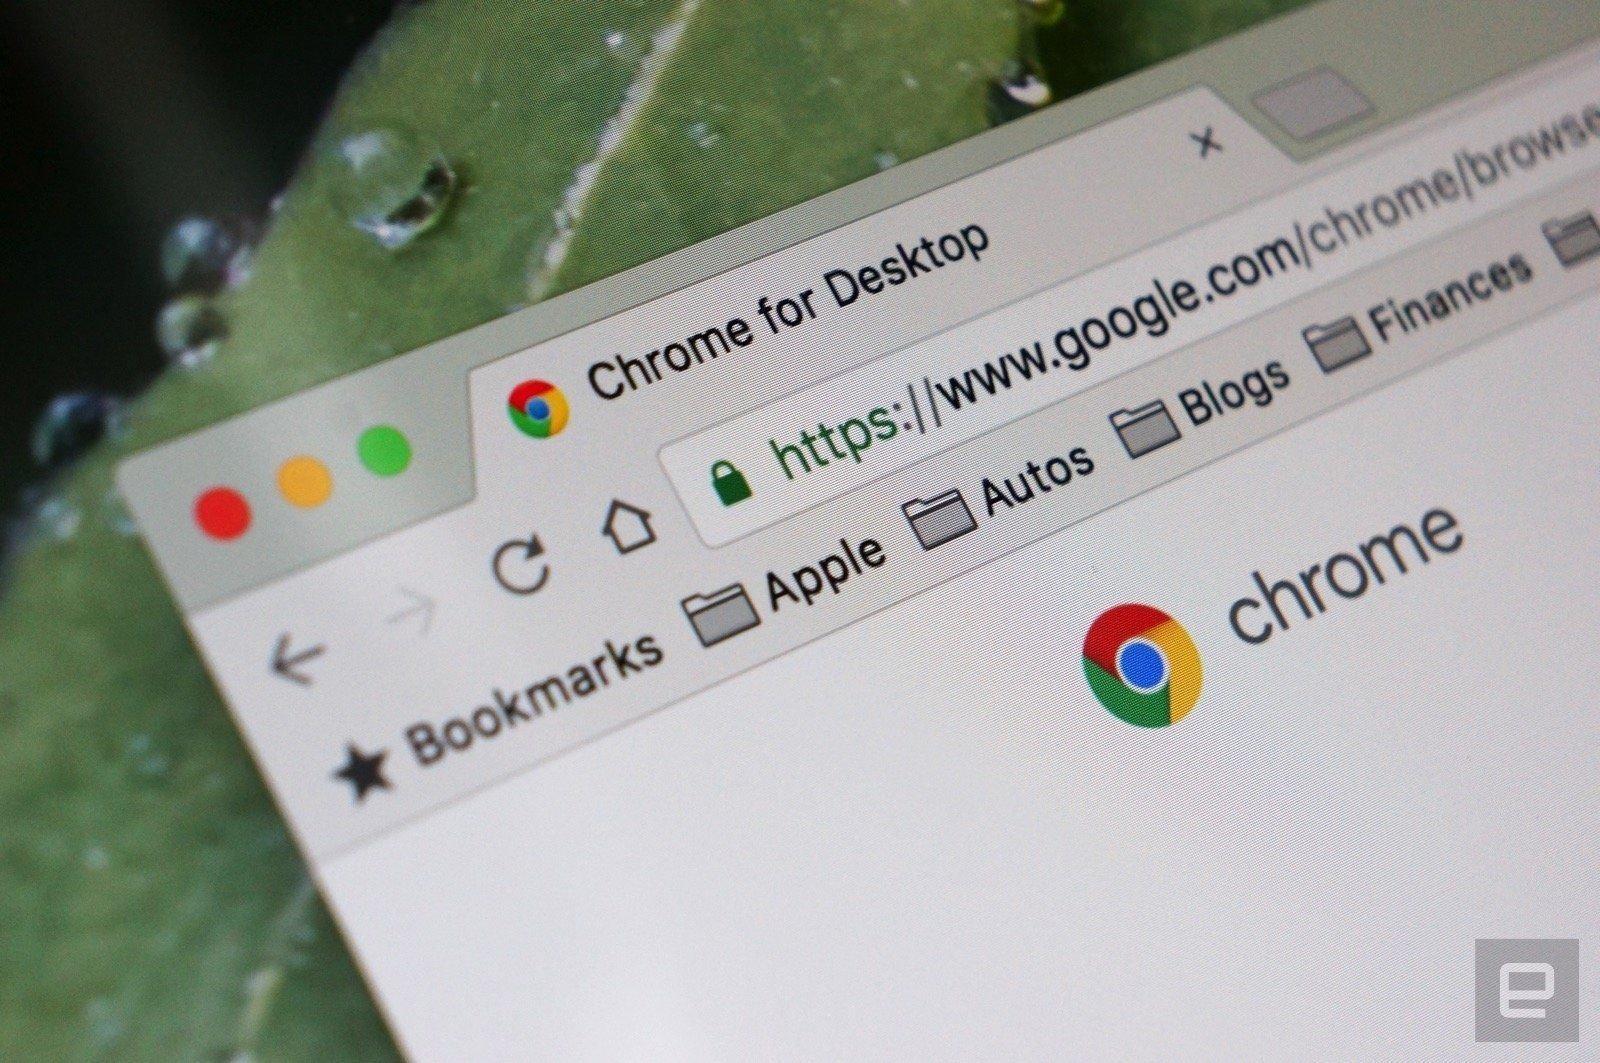 تغییرات جدید کروم برای بالا بردن امنیت گردش در اینترنت چیست؟